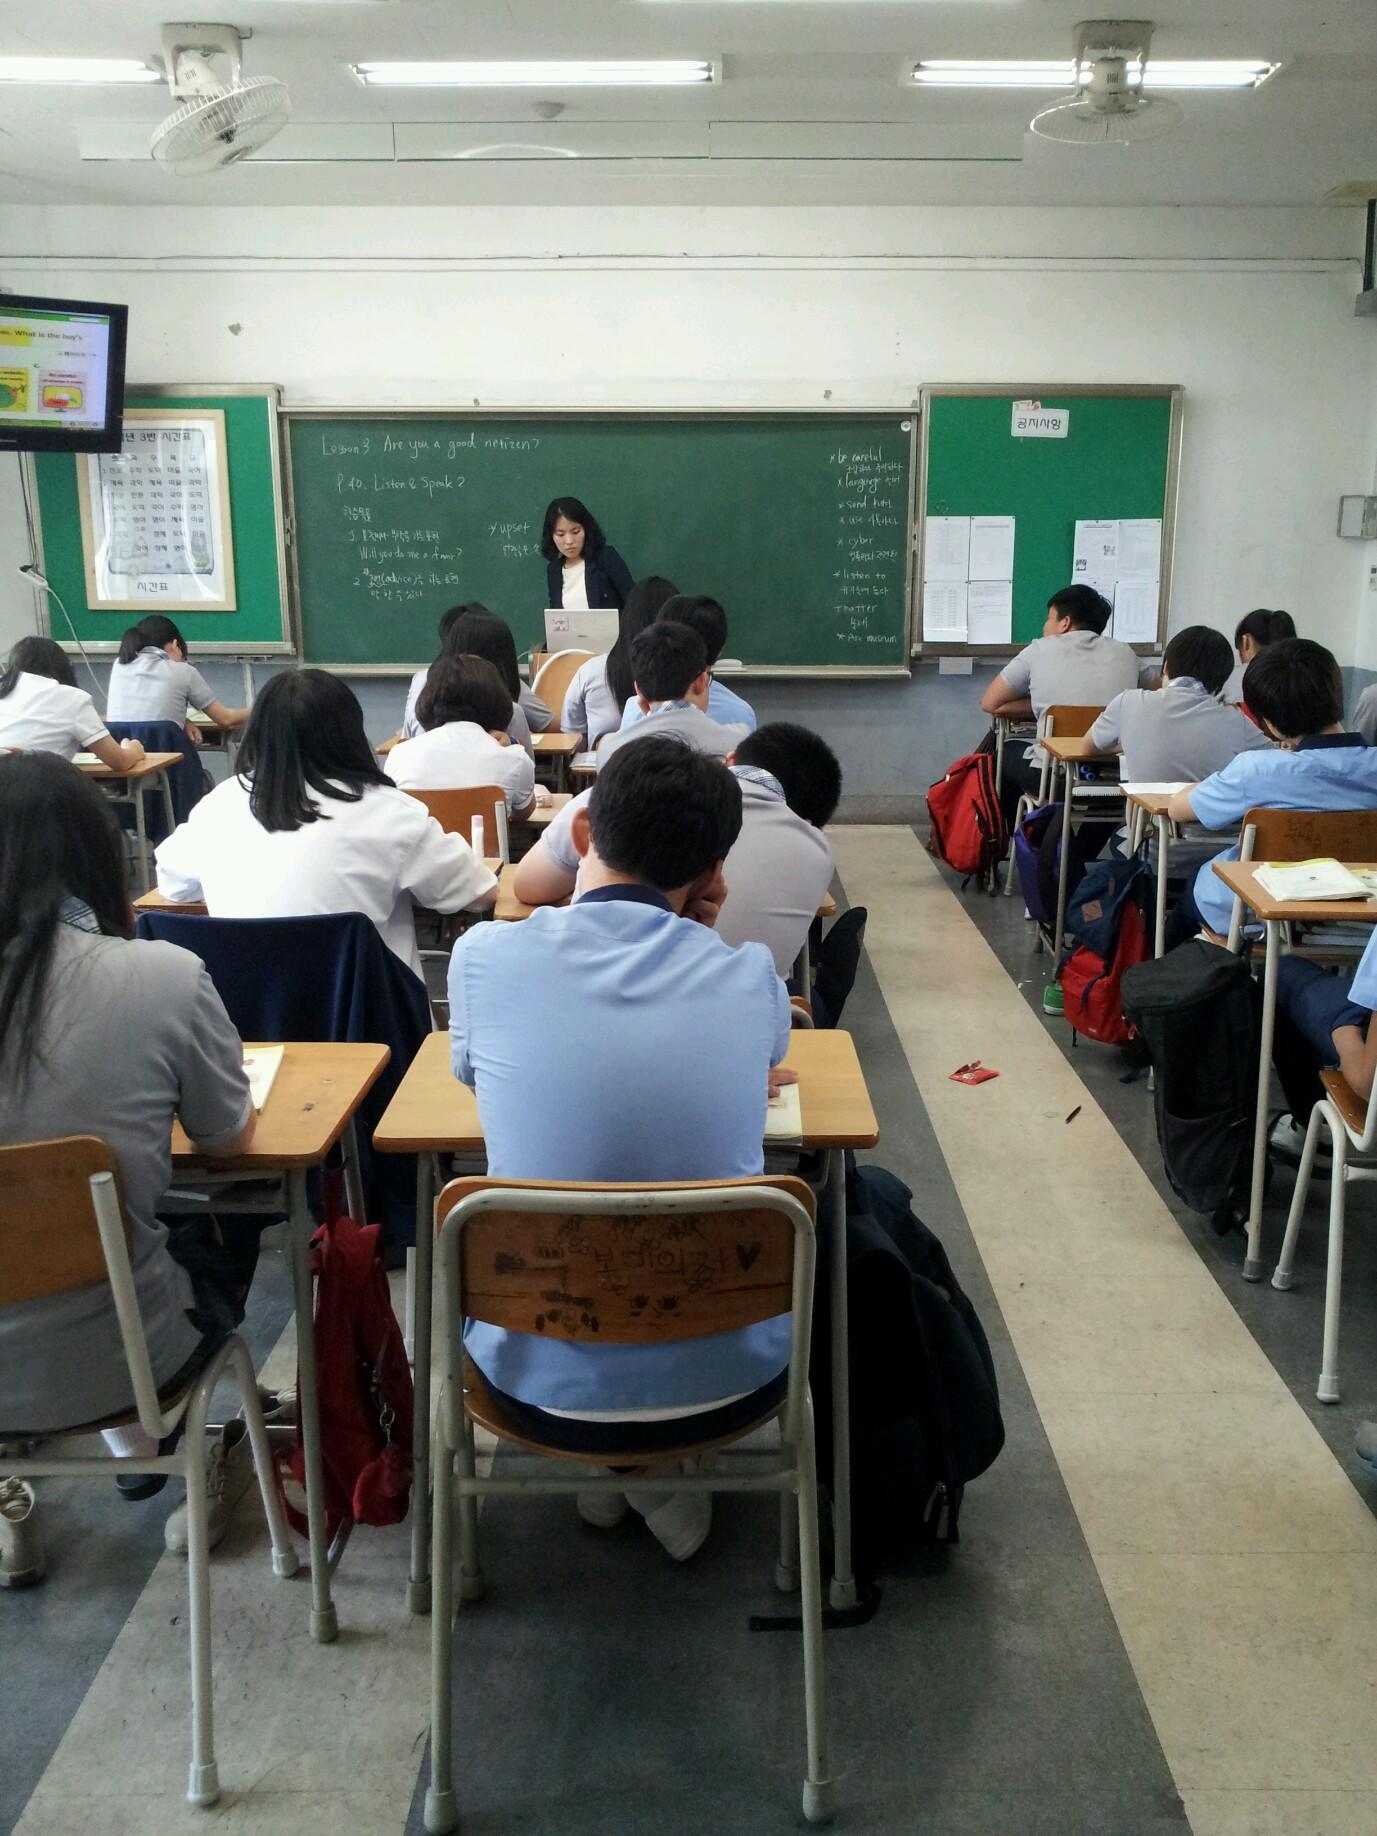 [일반] 2013년 1학기 학부모공개수업의 첨부이미지 4